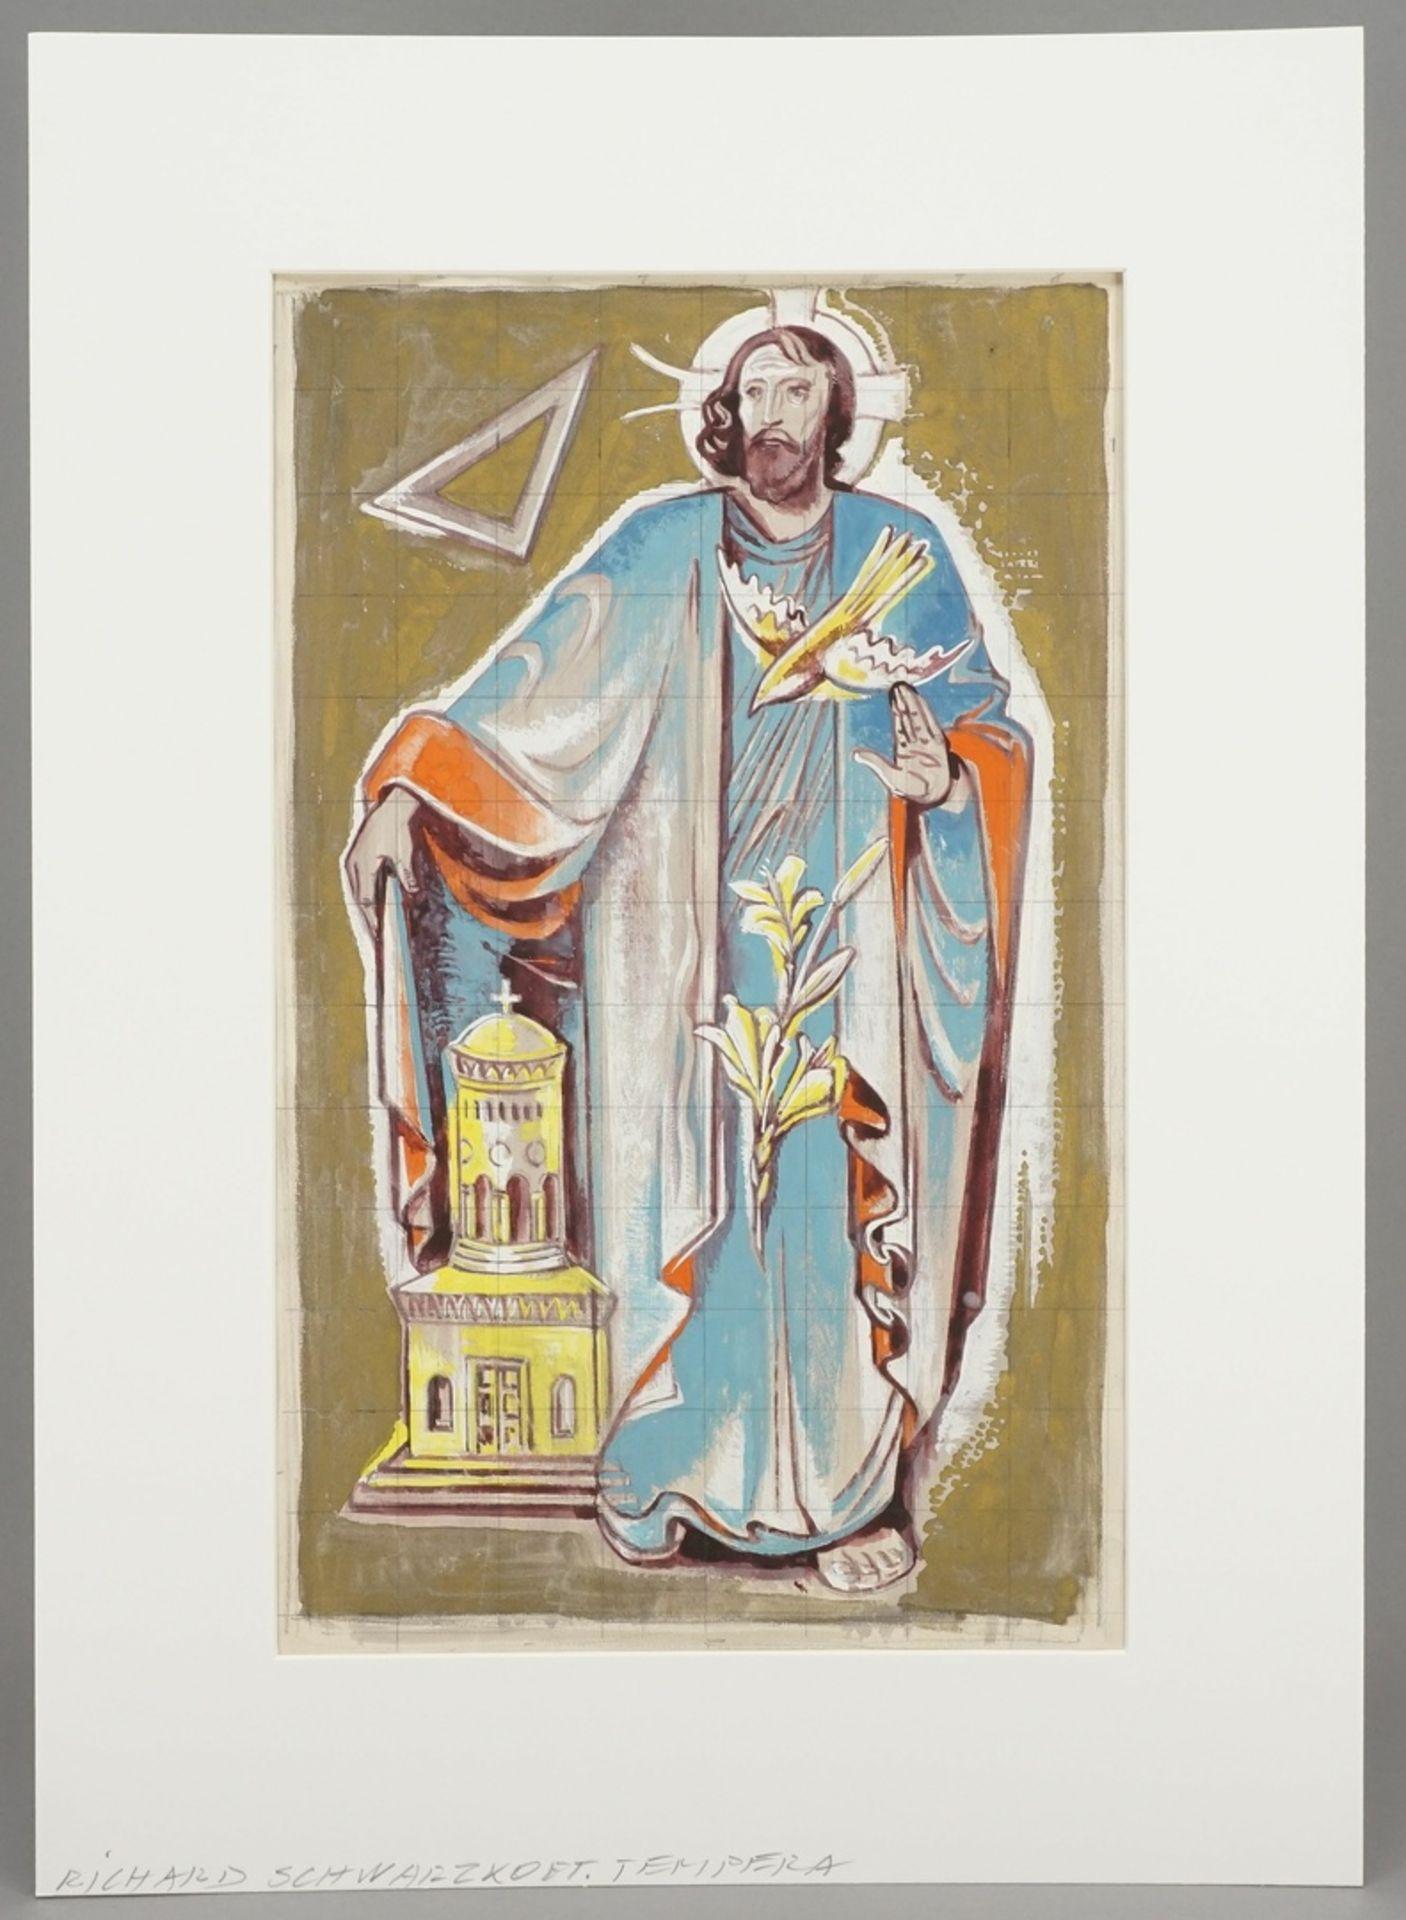 """Richard Schwarzkopf, """"Die heilige Dreifaltigkeit"""" - Bild 2 aus 4"""